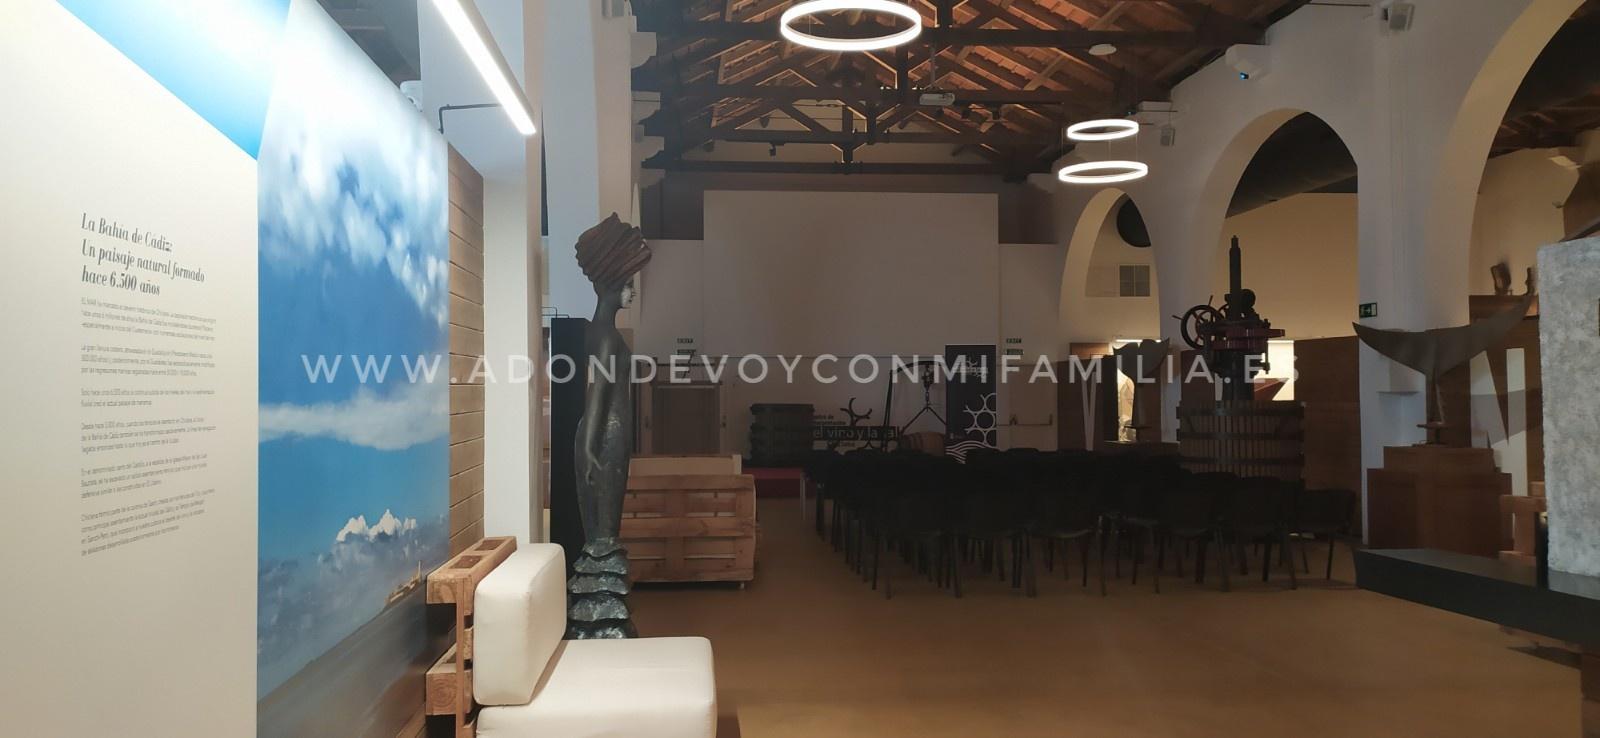 """Centro de Interpretación """"Del Vino y La Sal"""" (Chiclana de la Frontera)"""